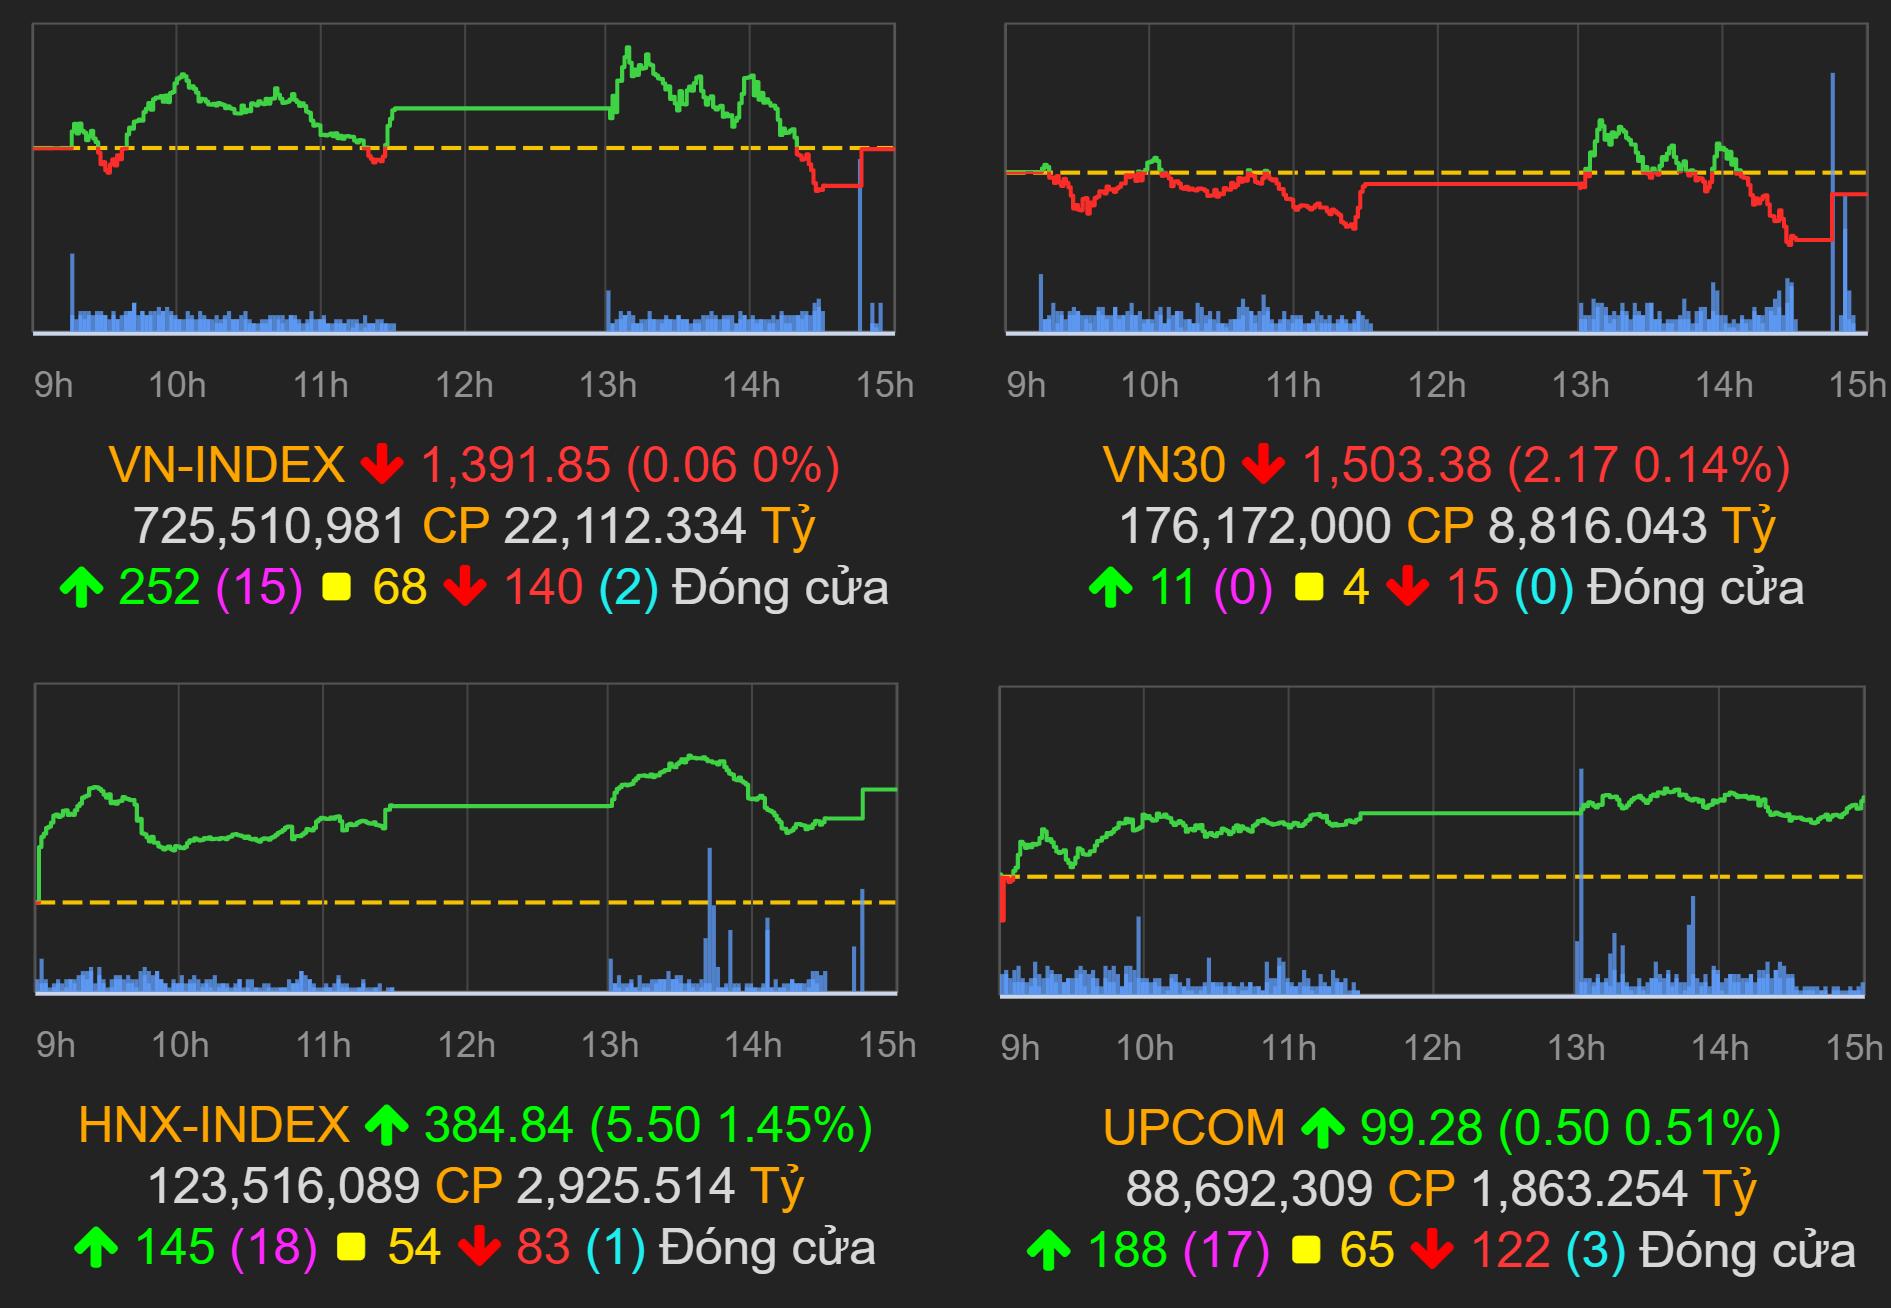 Thị trường chứng khoán (14/10): VIC, VHM bất ngờ đổ dốc, VN-Index quay đầu giảm nhẹ cuối phiên - Ảnh 1.